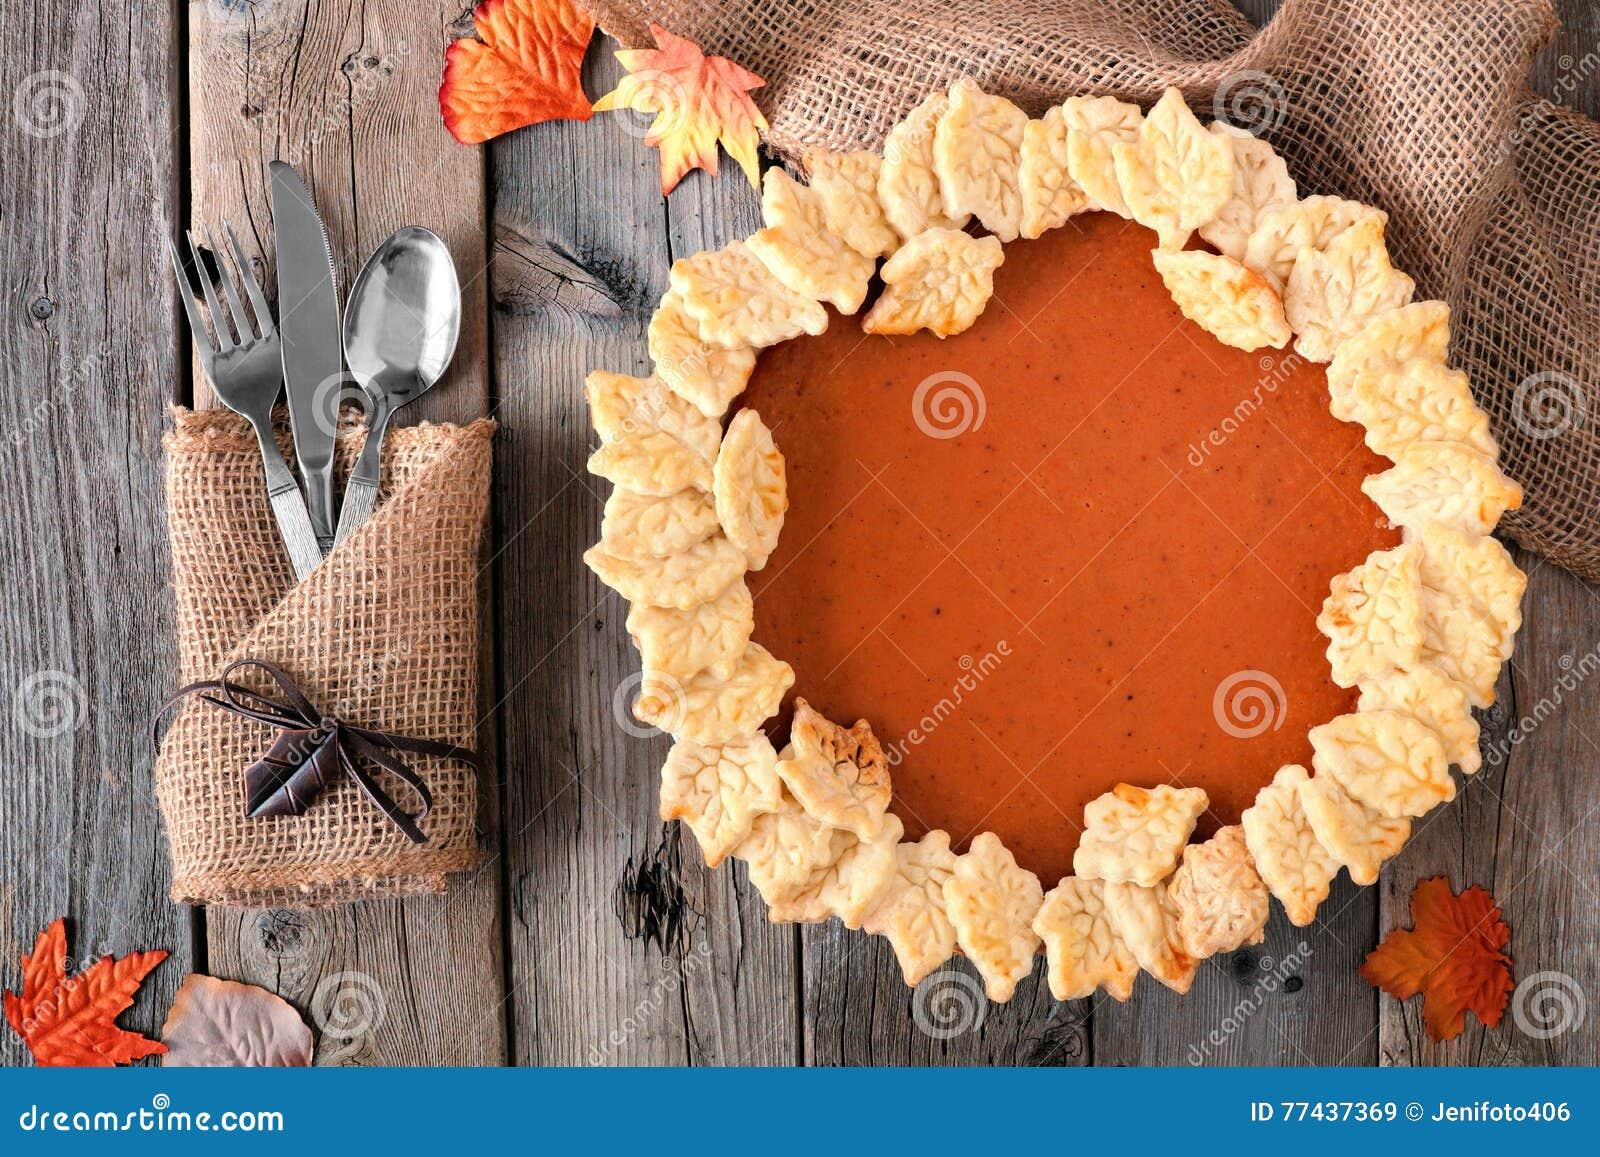 Kürbiskuchen mit Herbstblatt-Gebäckdesign, obenliegende Tabellenszene